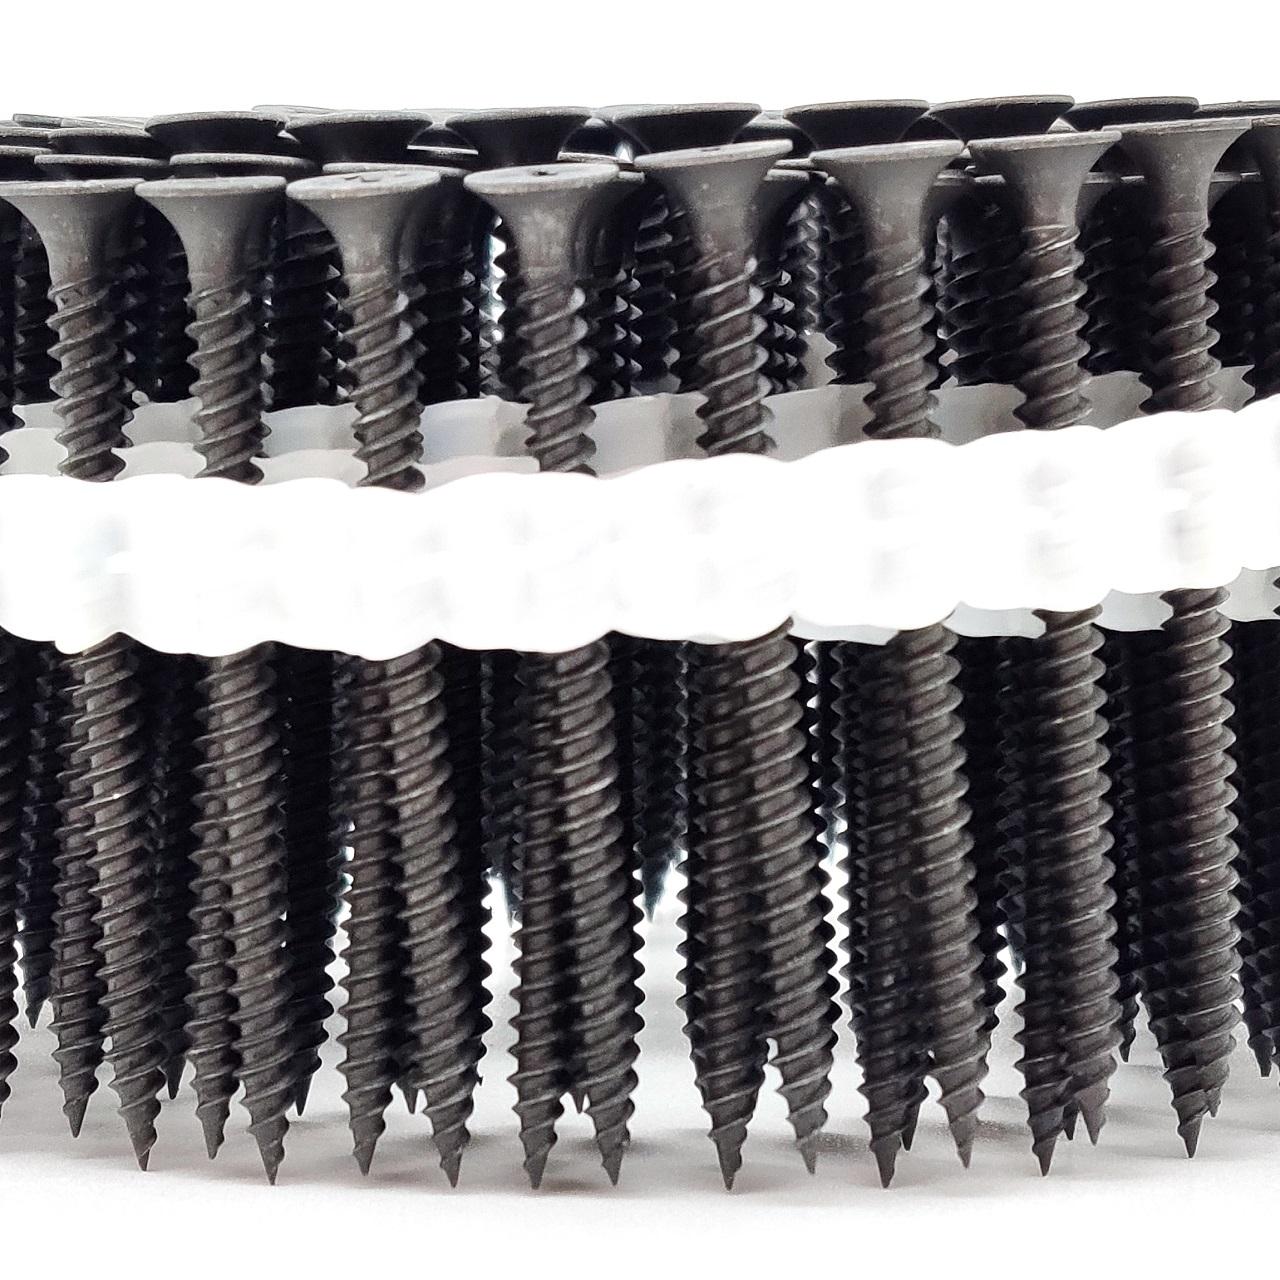 Coil Schnellbauschrauben | phosphatiert | Feingewinde | 3,9x25 | 2.500 Stk